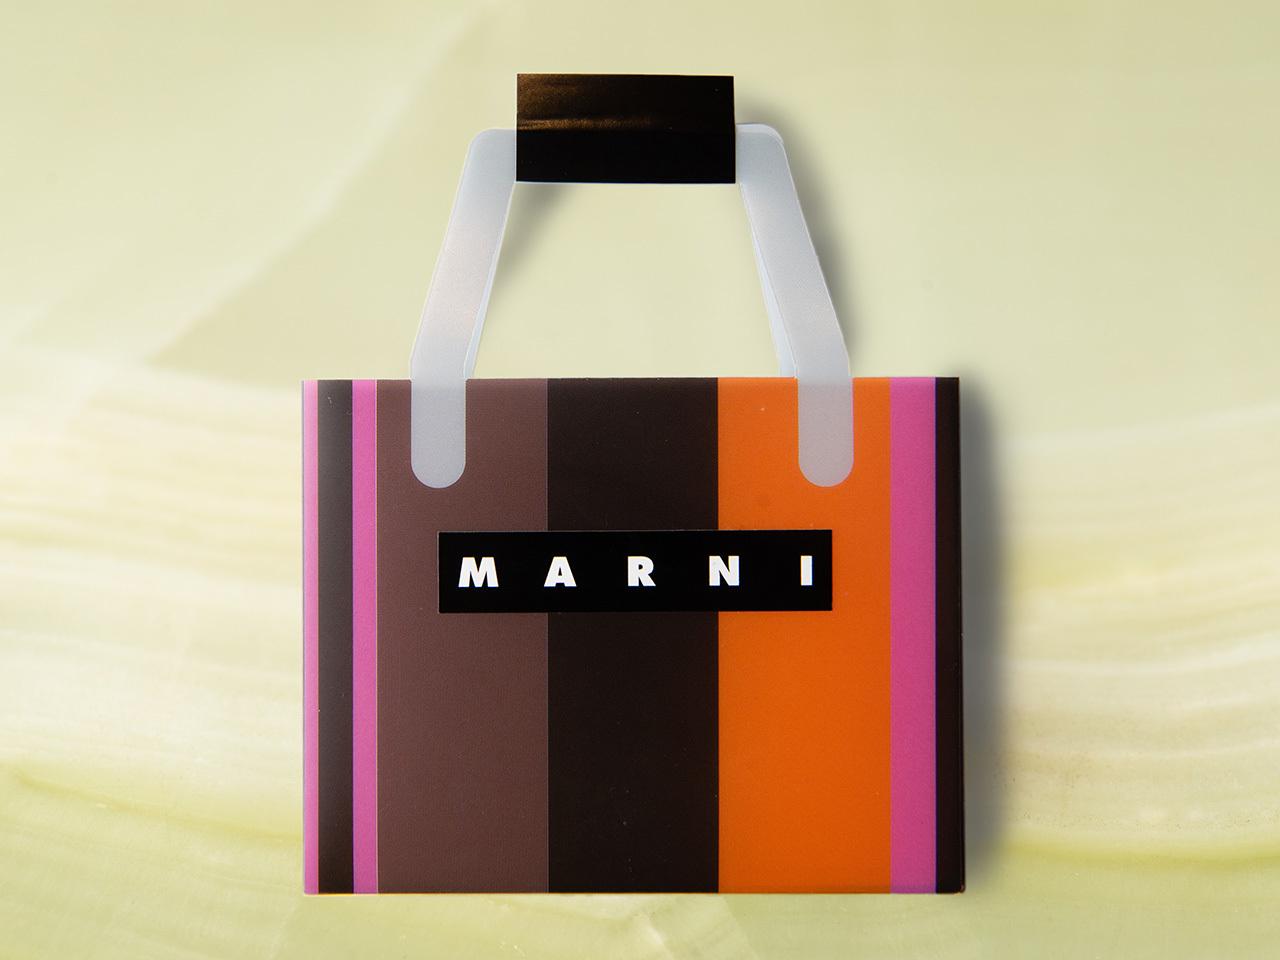 【バレンタイン限定】「MARNI」からユニークなチョコレートバック3種が登場!_1_1-2